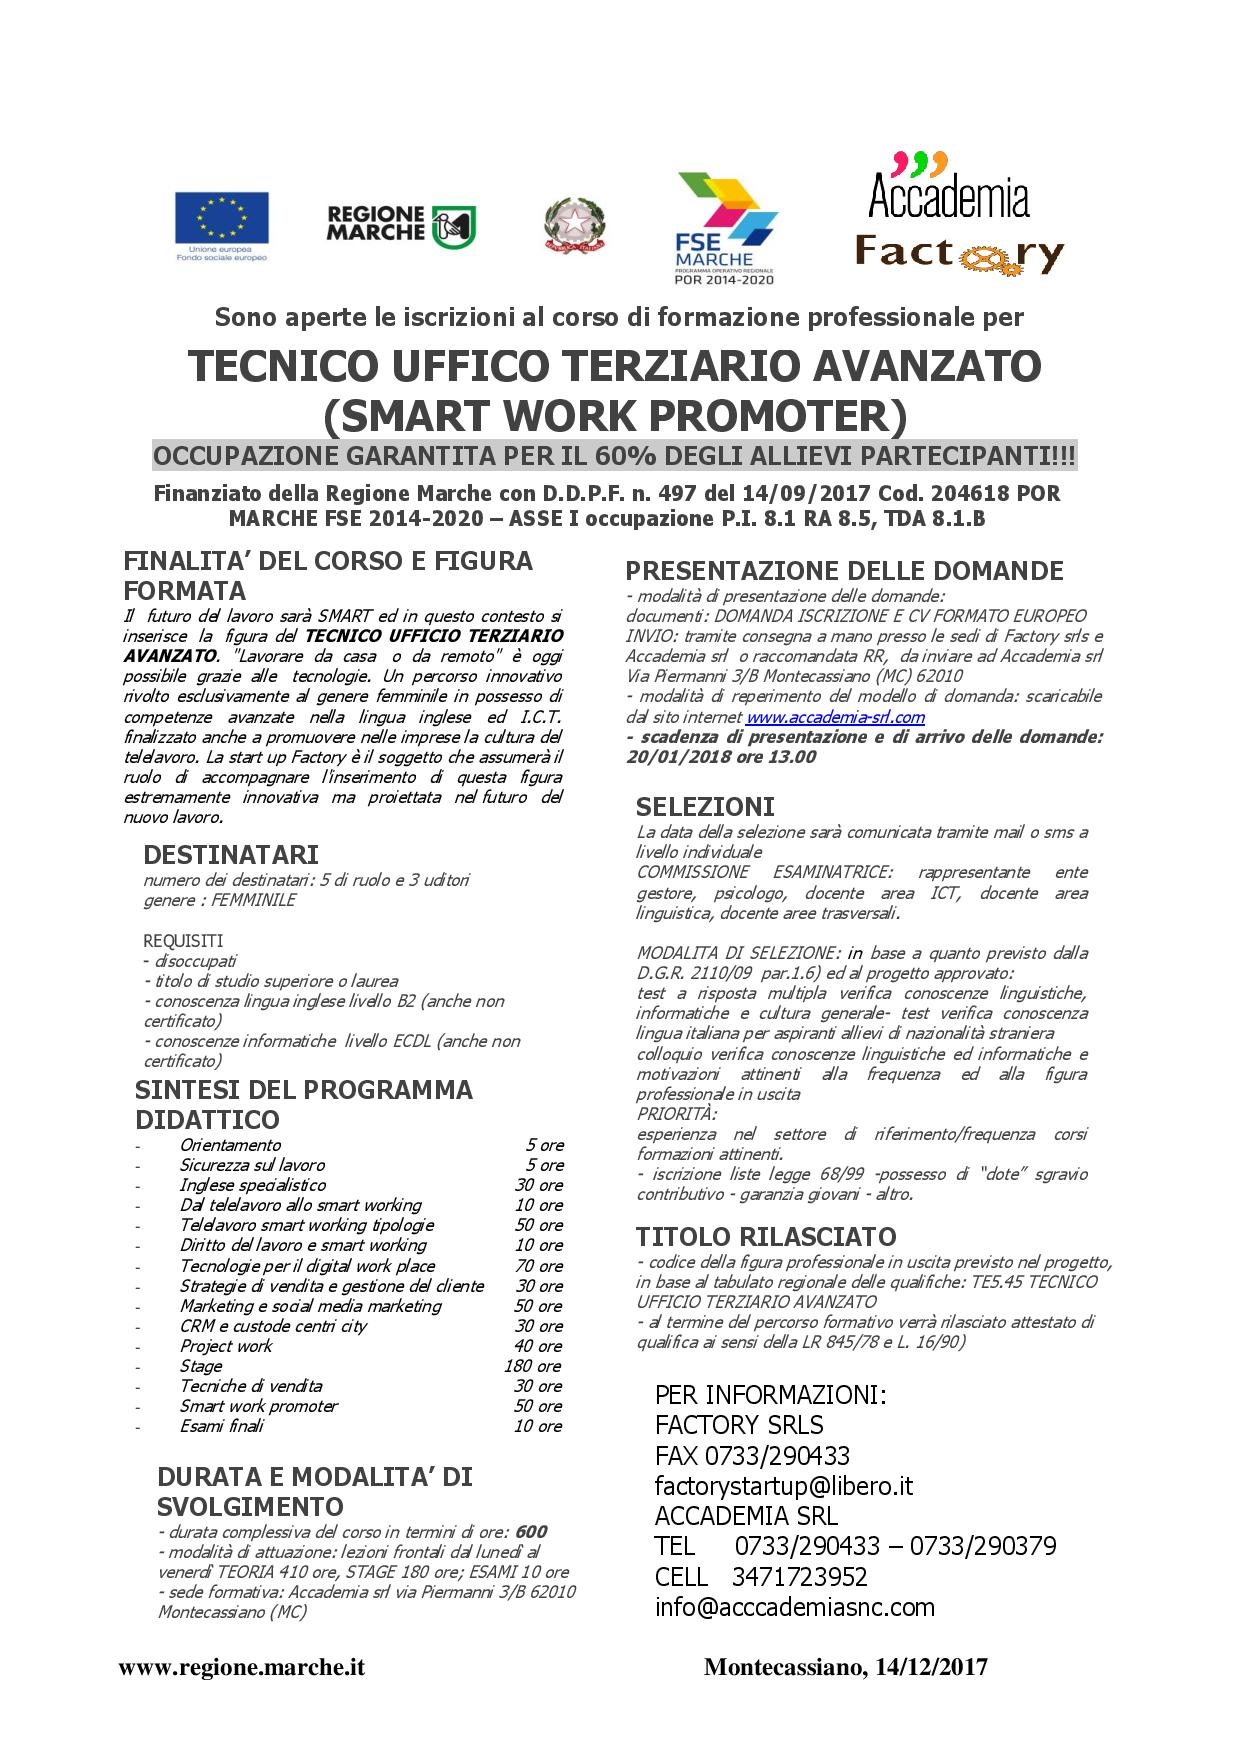 Smart Work Promoter Tecnico Ufficio Terziario Avanzato Accademia Srl